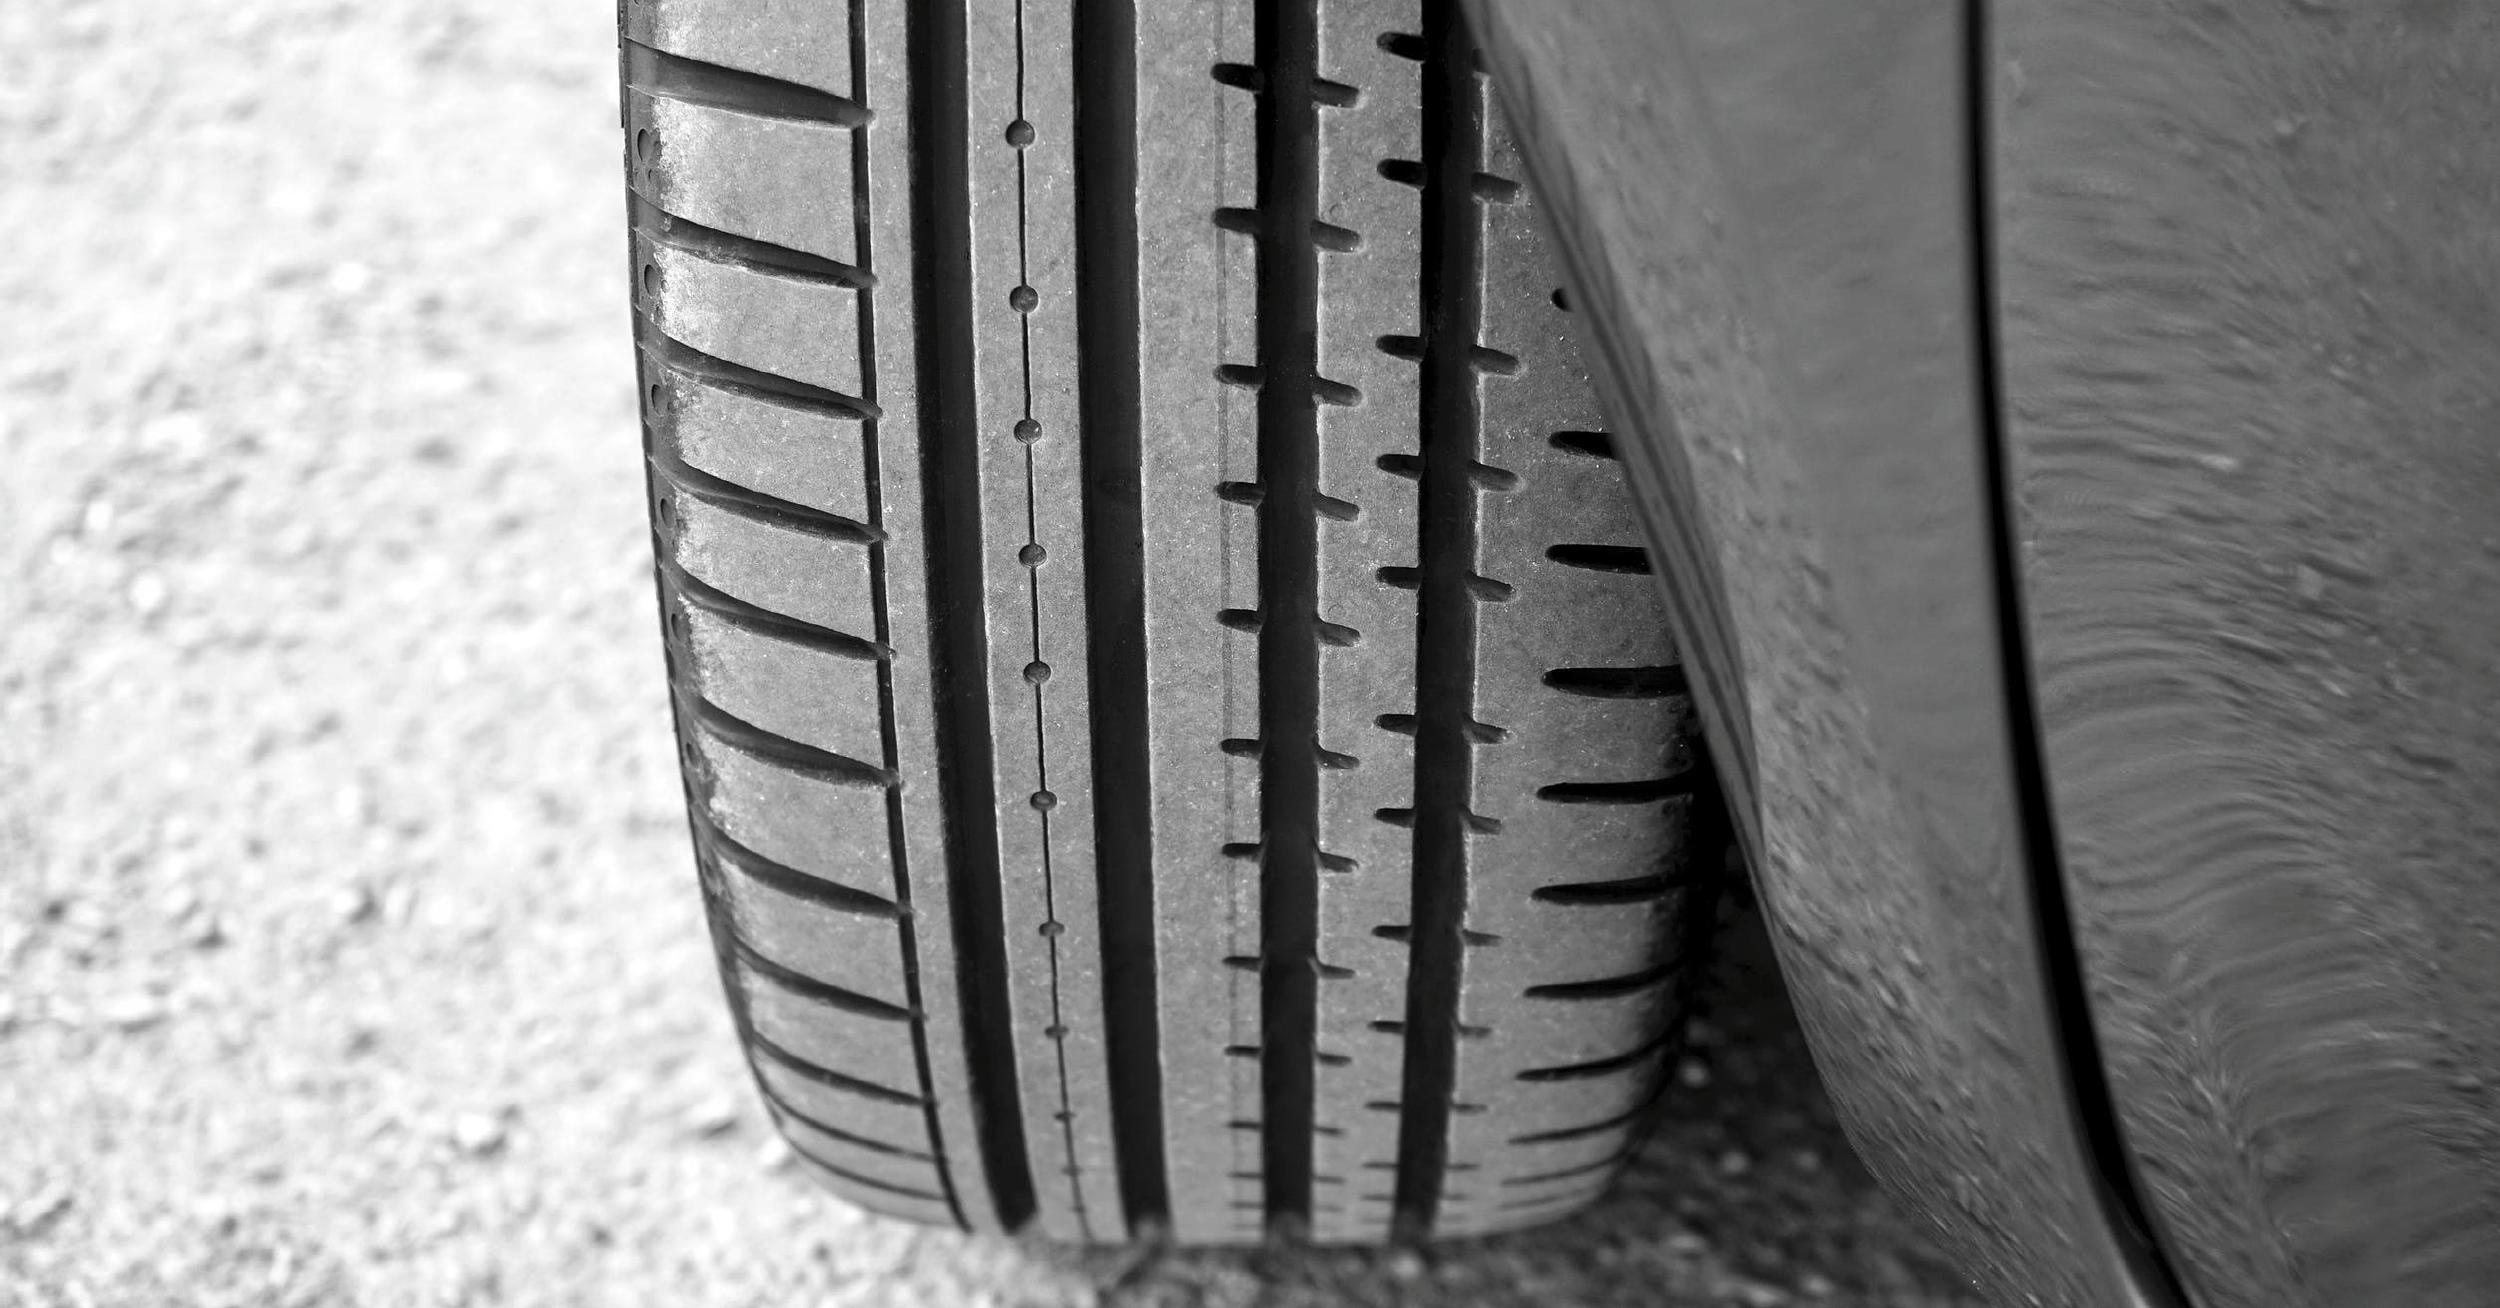 extending-tire